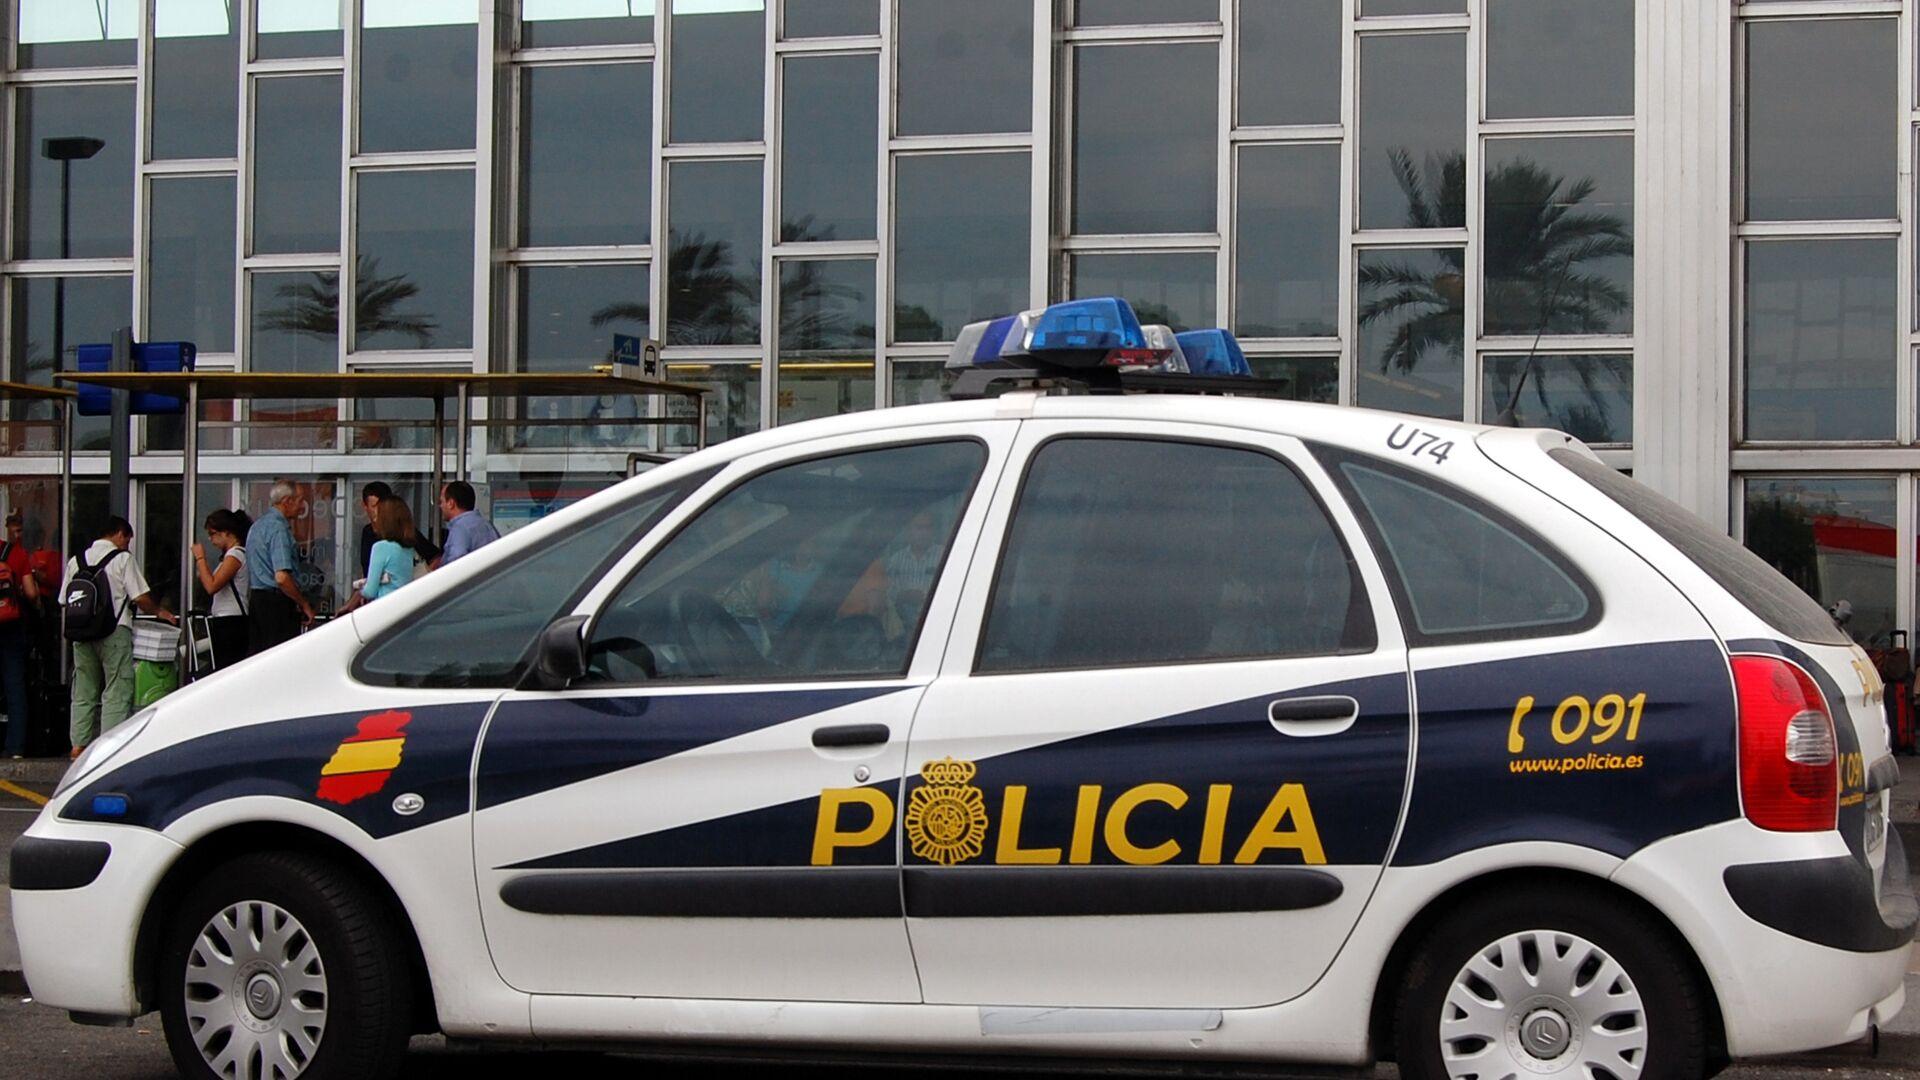 Автомобиль испанской полиции - РИА Новости, 1920, 14.11.2020